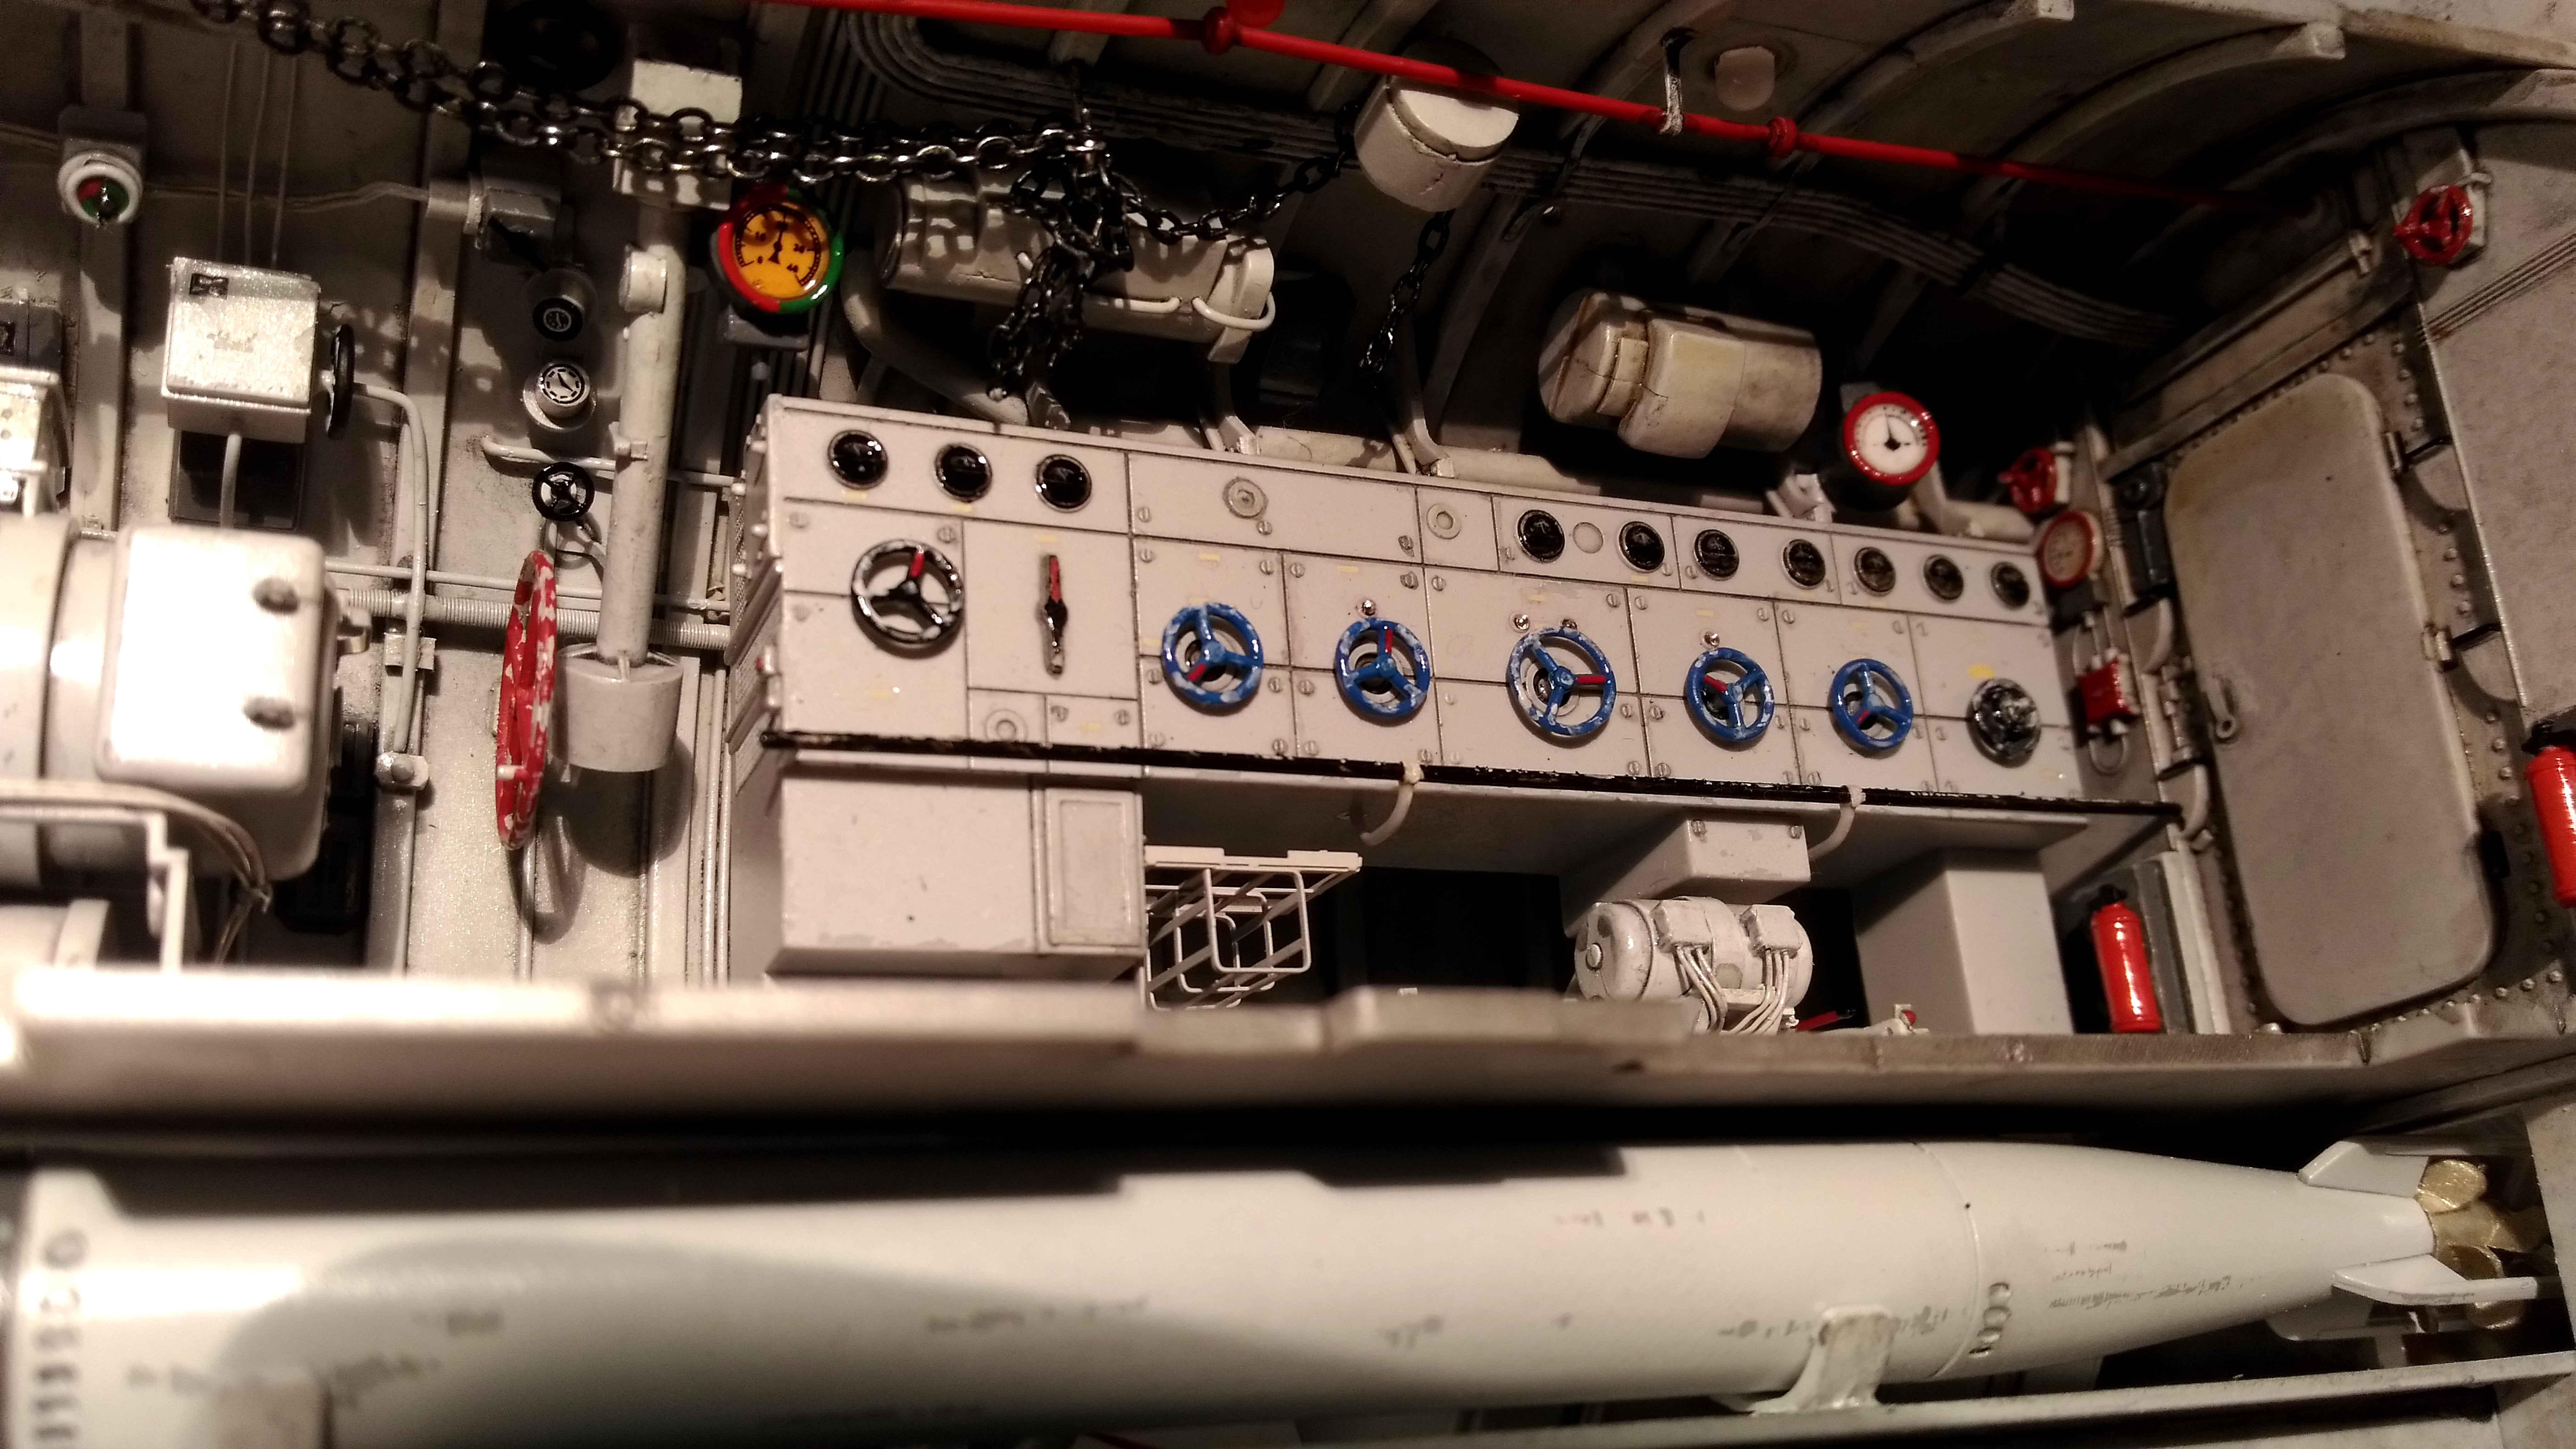 U-552 TRUMPETER Echelle 1/48 - Page 6 18012809531123648415509989